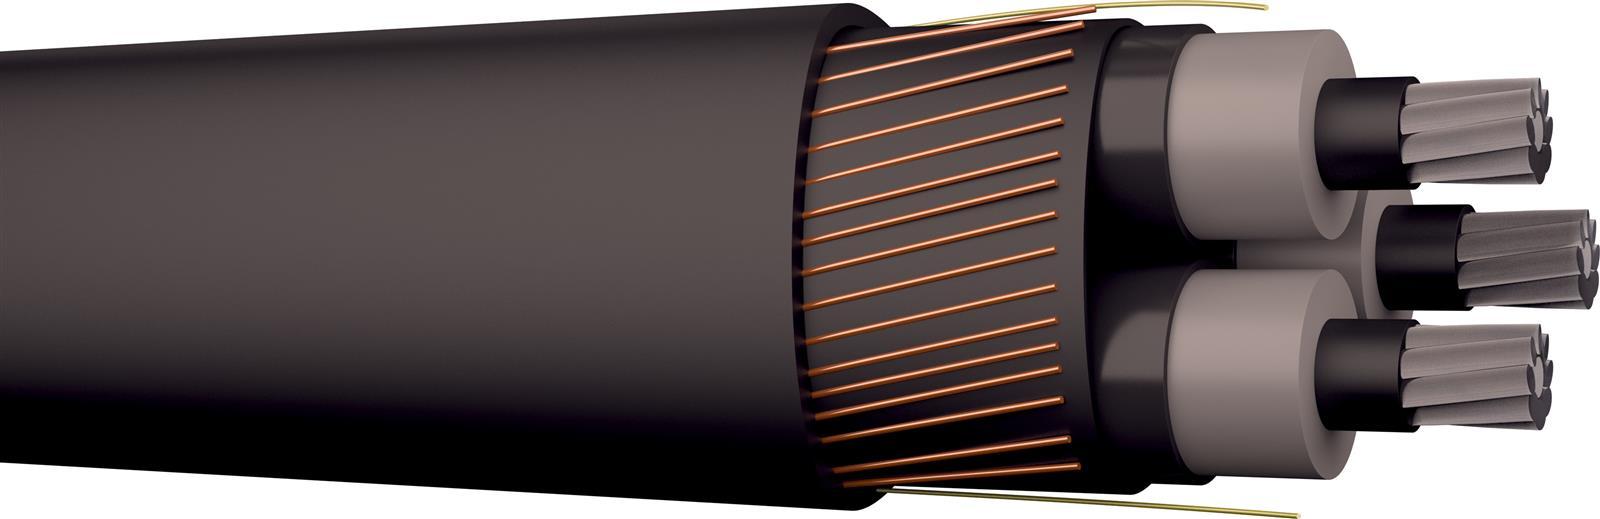 AXQJ-RMF PURE 3X50/16 24KV